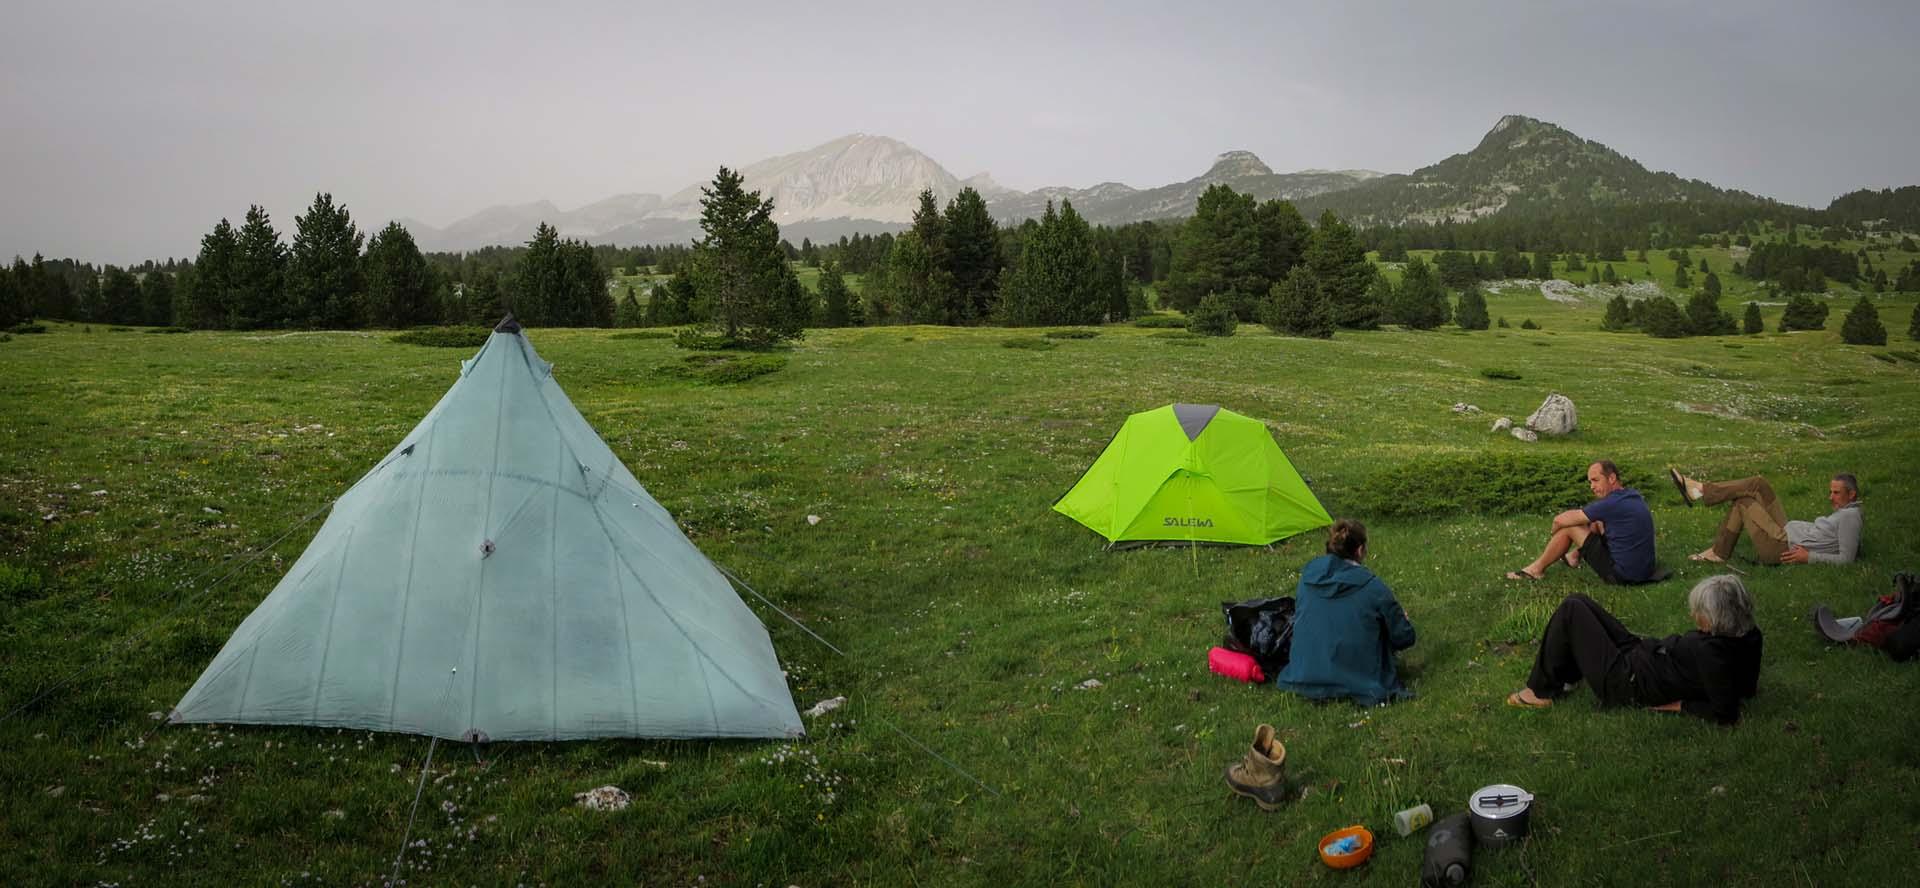 Slow Rando Reserve Hauts Plateaux Vercors Grand Veymont Pre Peyret Bivouac Repasjpg